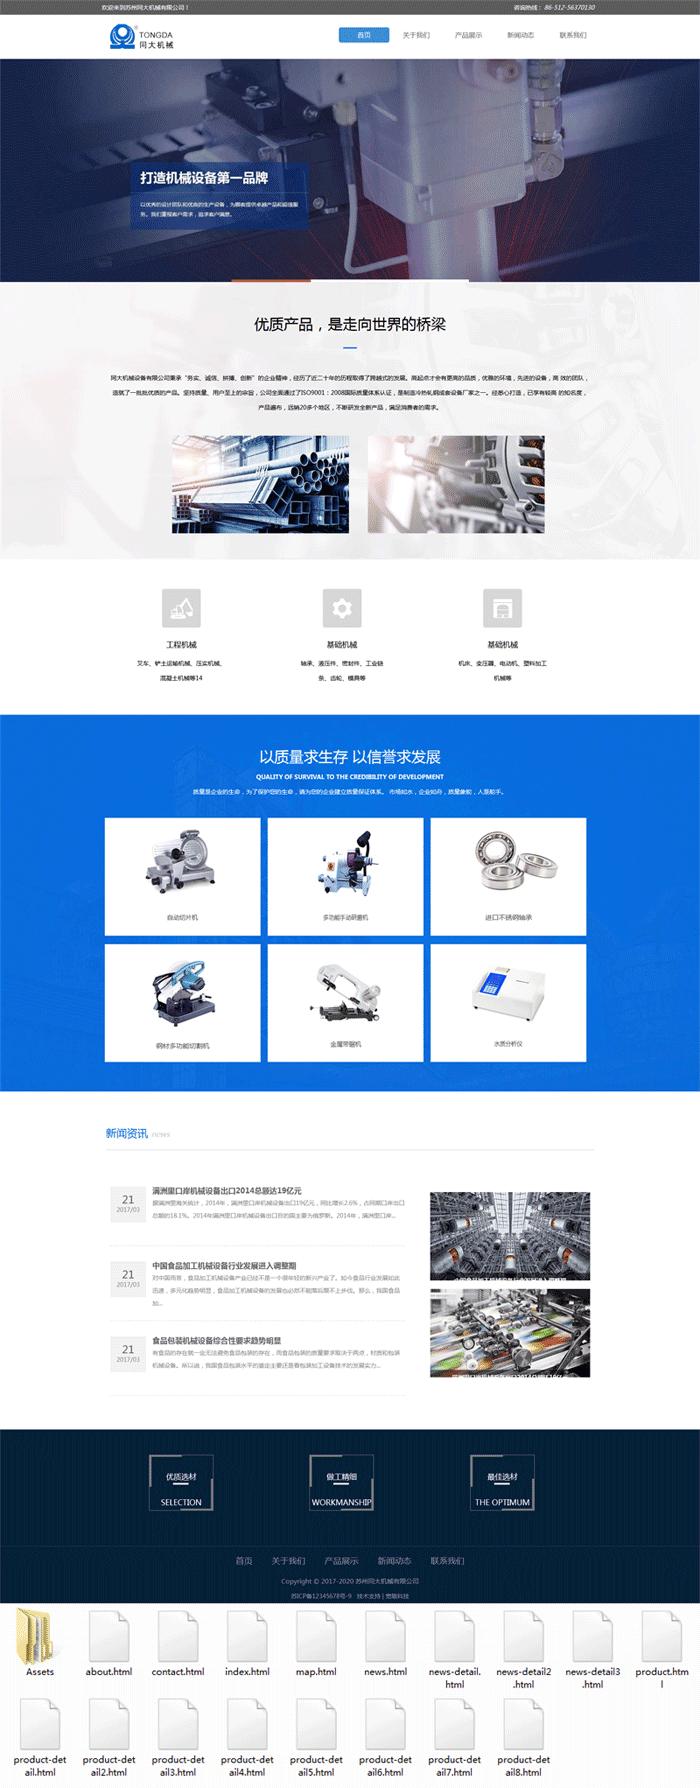 大气的机械设备公司网站html5动画模板